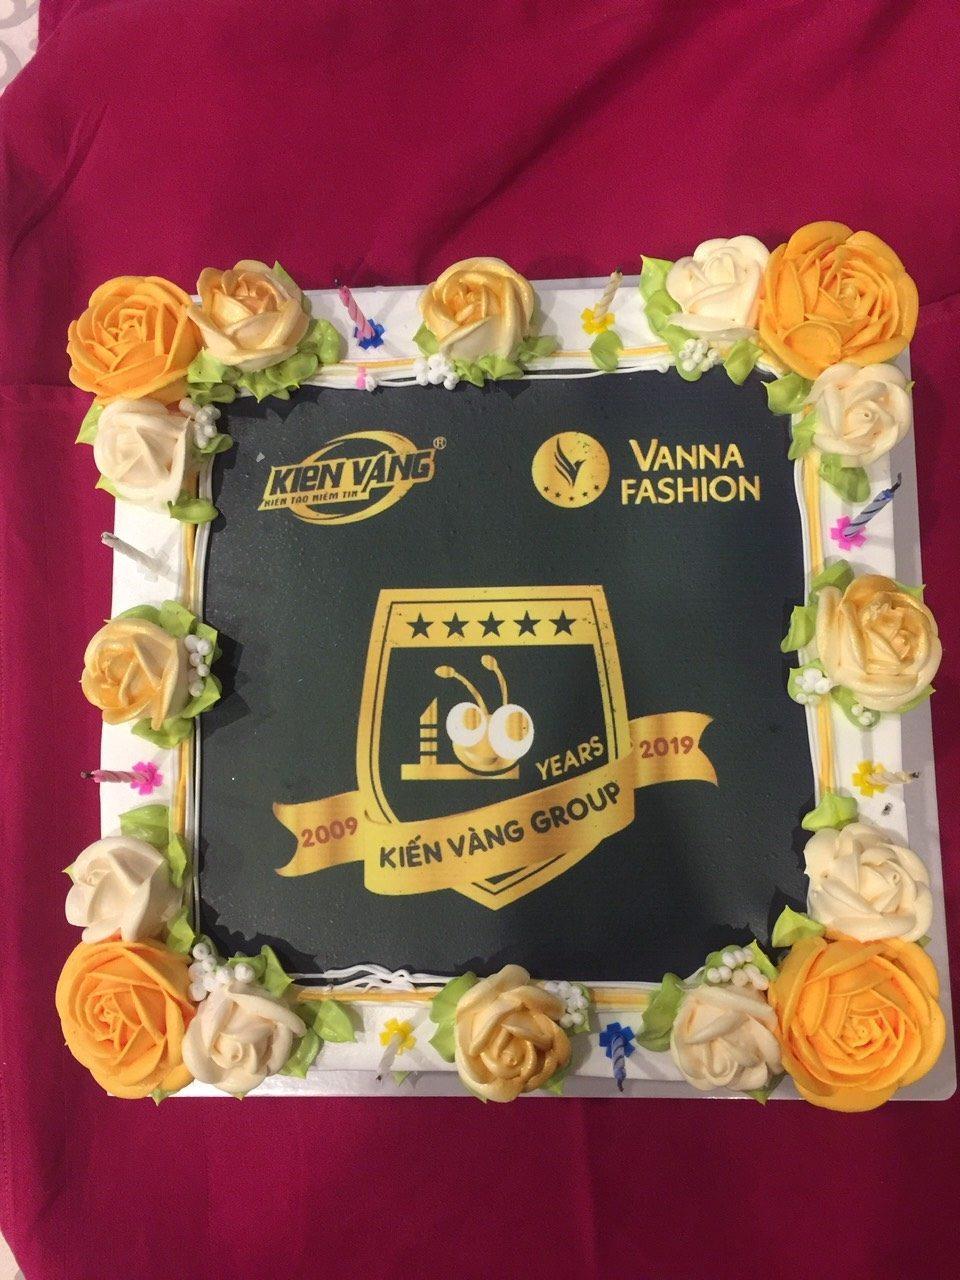 Công ty Kiến Vàng tổ chức Tất niên cuối năm 2019 và kỷ niệm 10 năm thành lập công ty 2009-2019